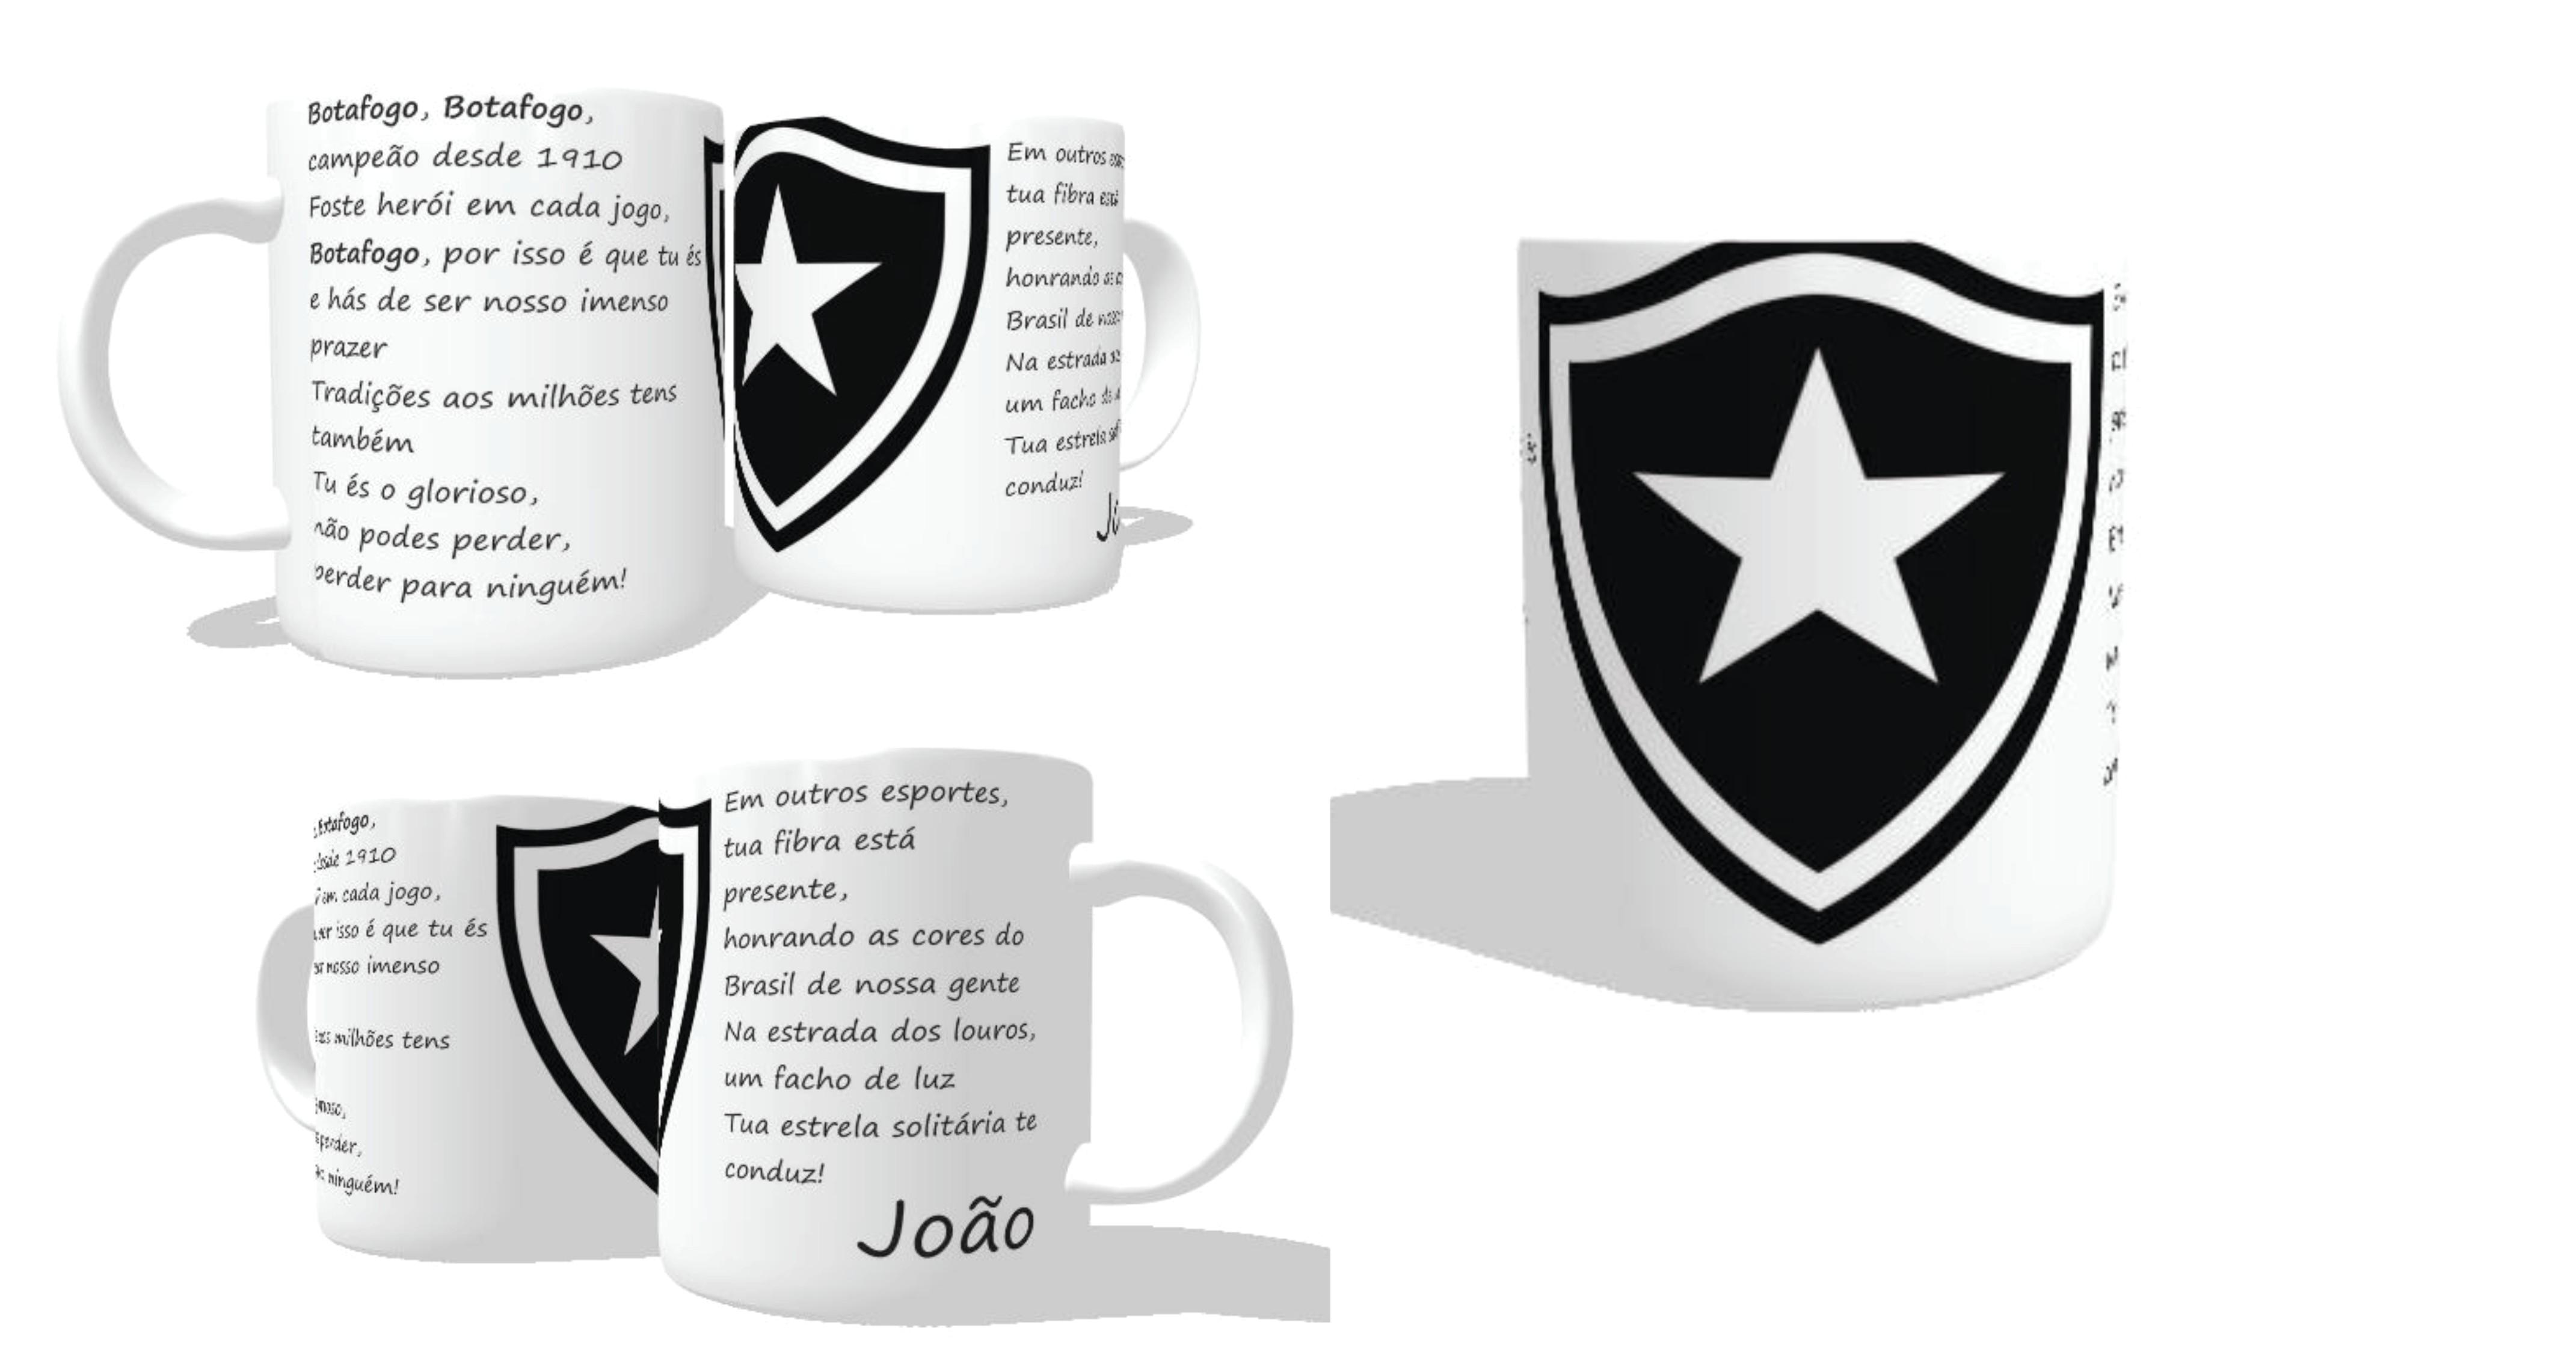 ded97dfd52 Caneca Personalizada Botafogo